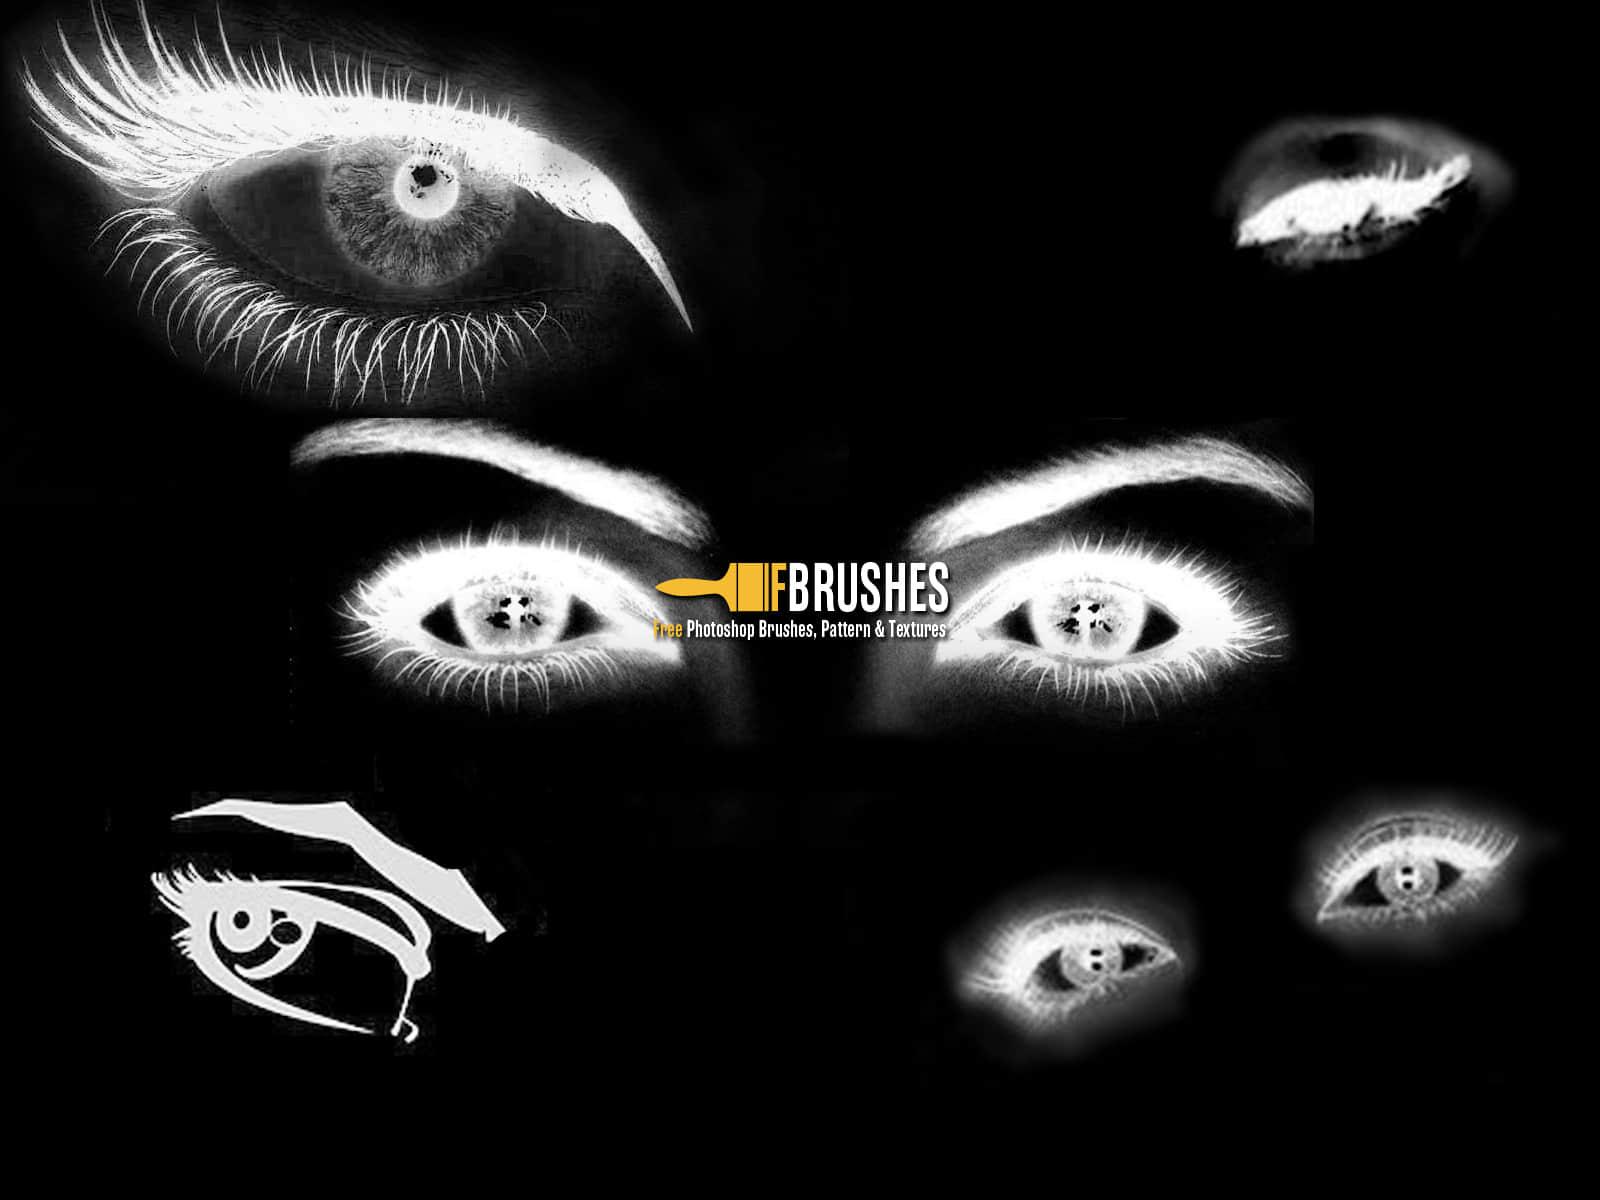 犀利眼神、眼睛Photoshop笔刷素材下载